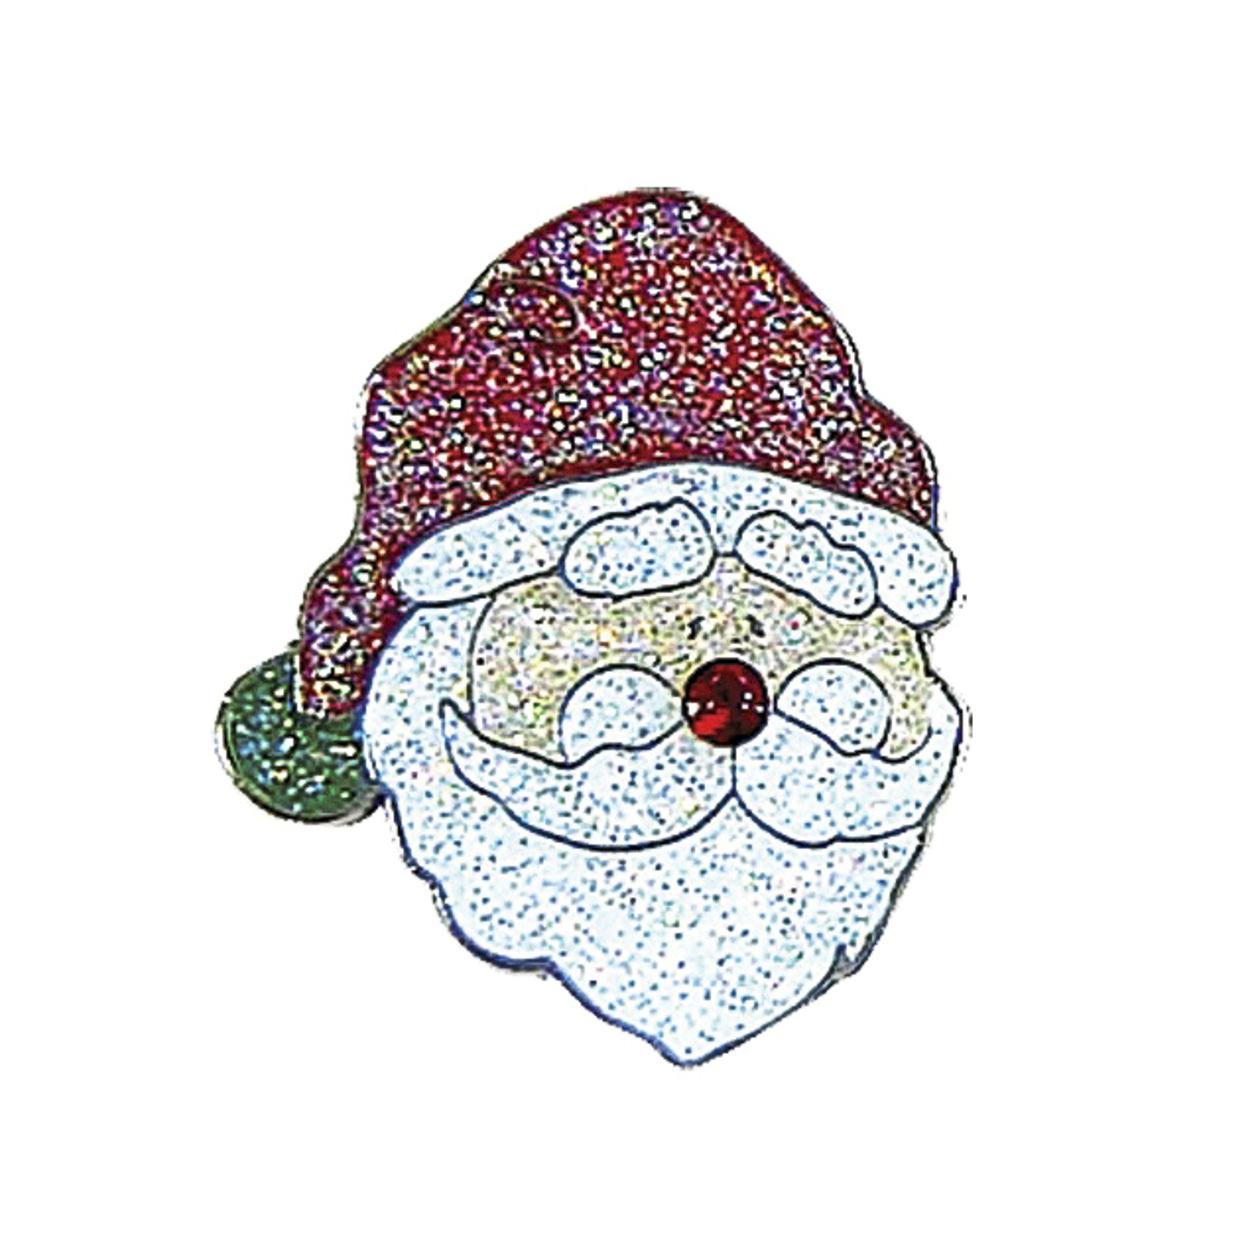 219. Santa